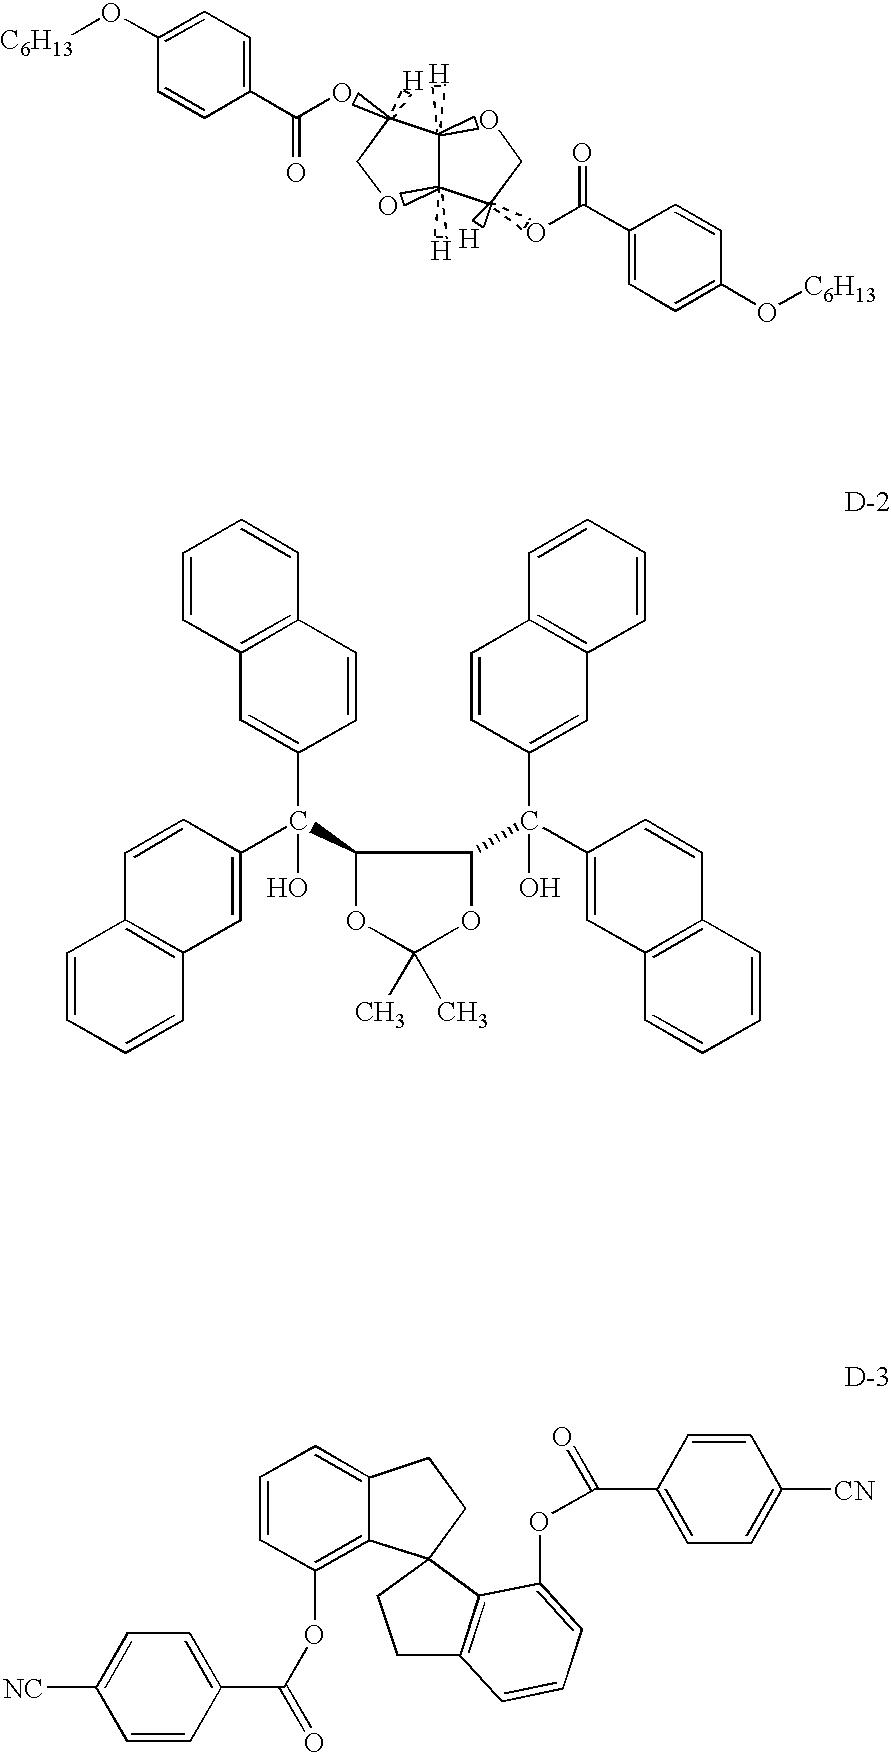 Figure US20060274049A1-20061207-C00003